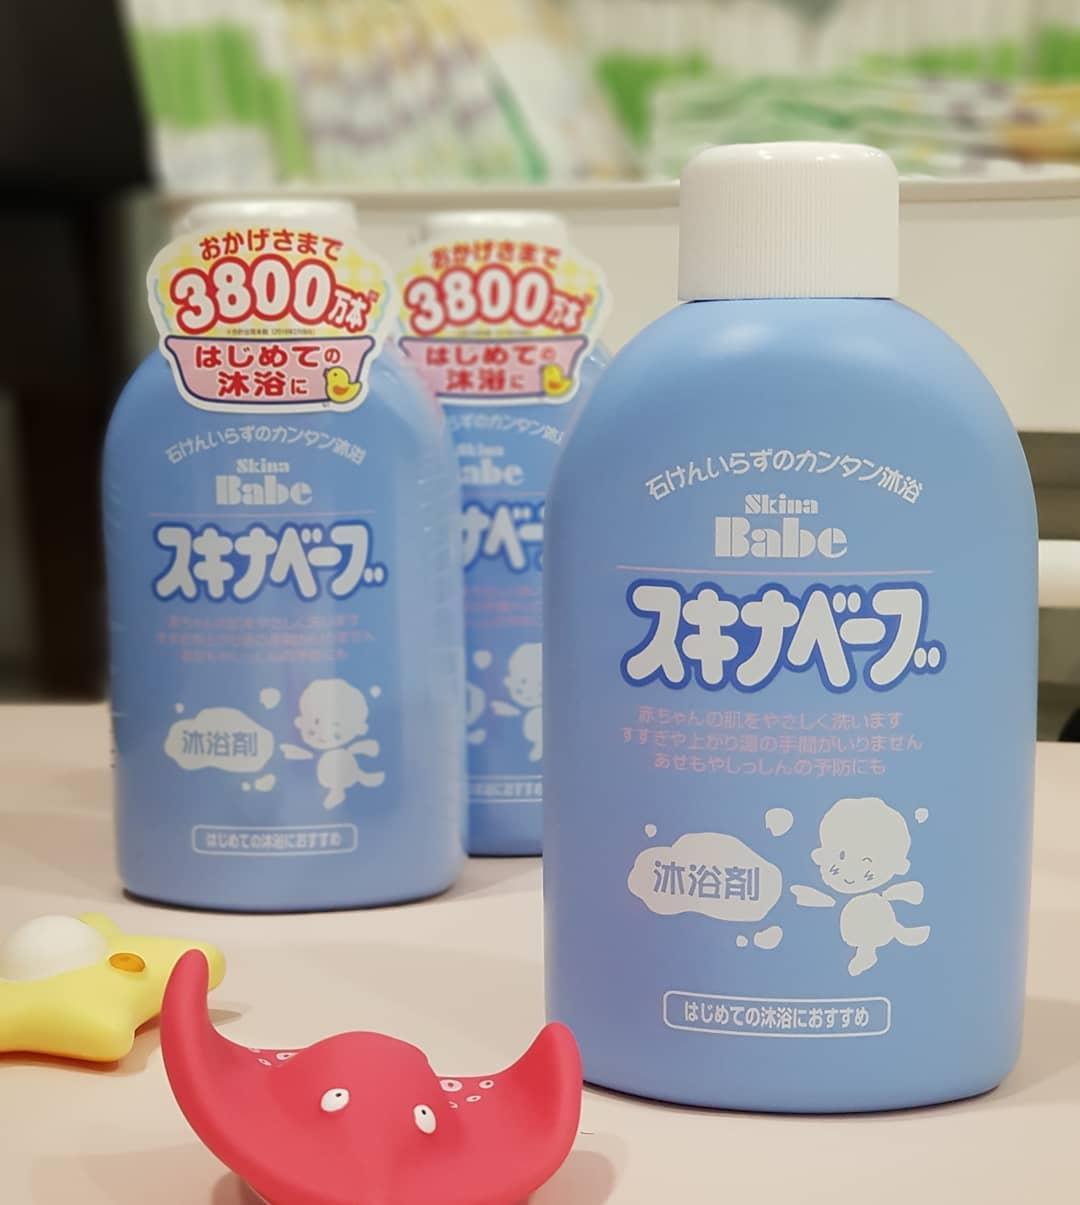 Giá Quá Tốt Để Mua Sữa Tắm Skina Babe Dành Cho Bé